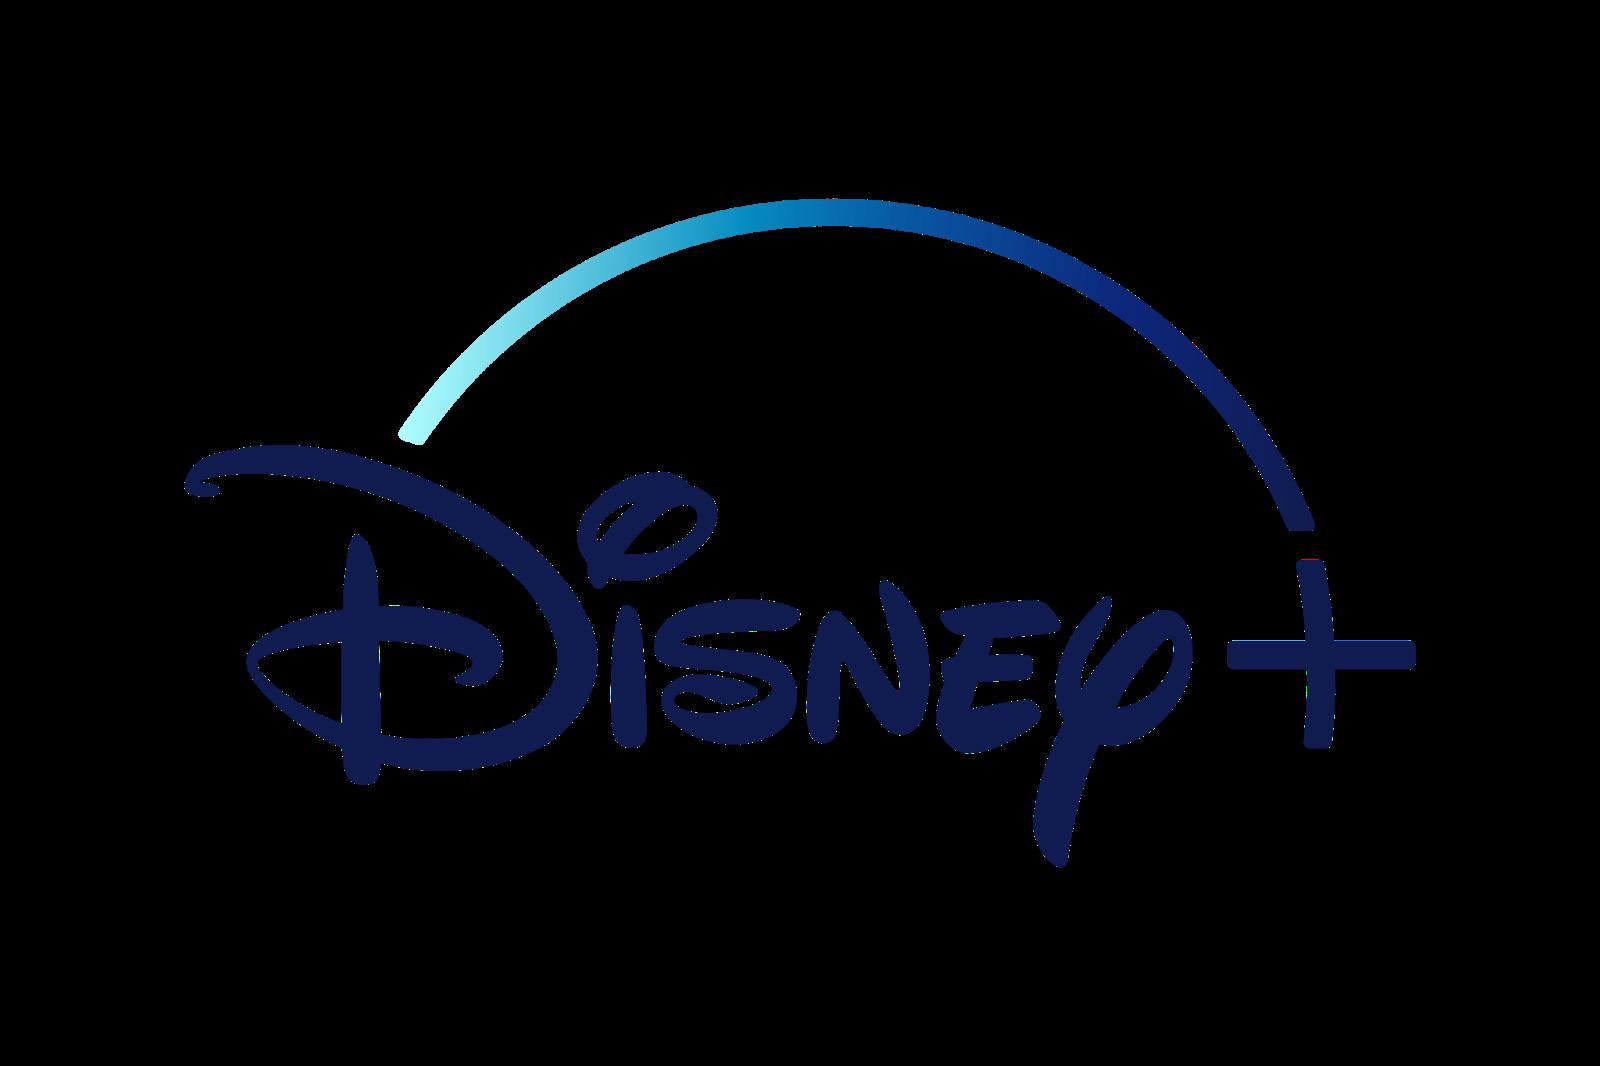 Resultados financeiros, Disney+ e Data Governance